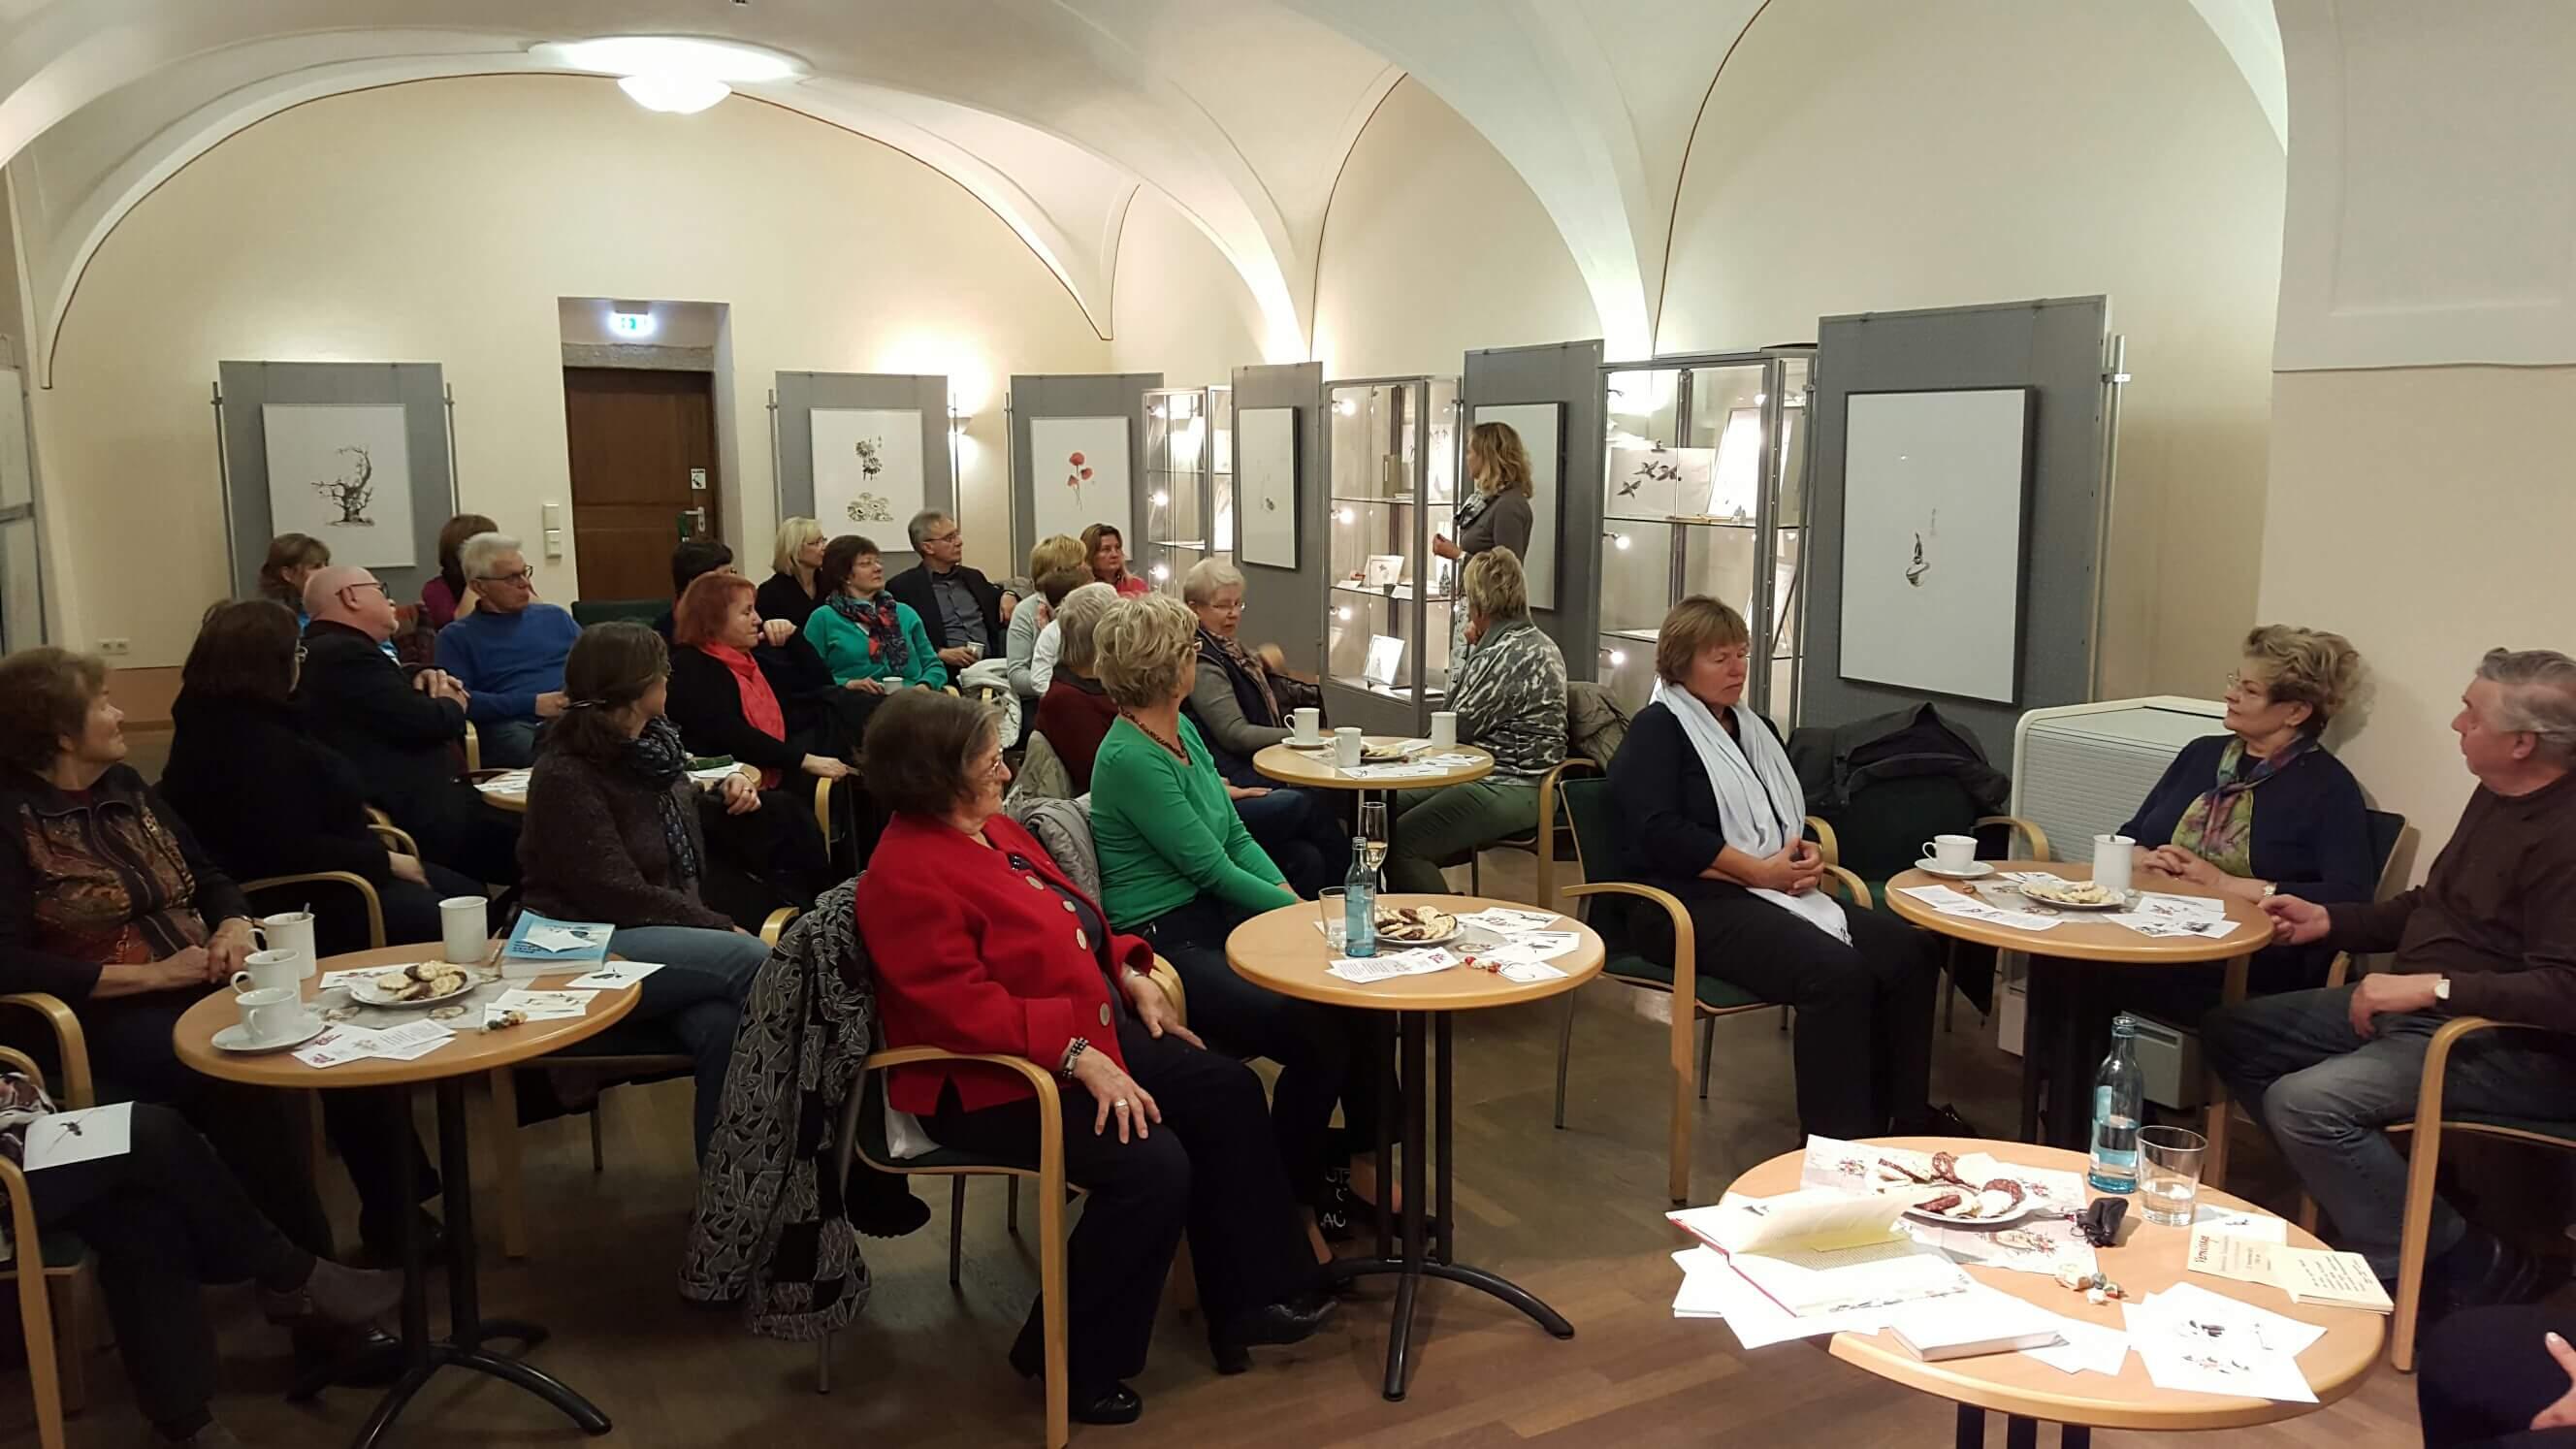 Vernissage Stadtbibliothek Bautzen_27.11.2015_04